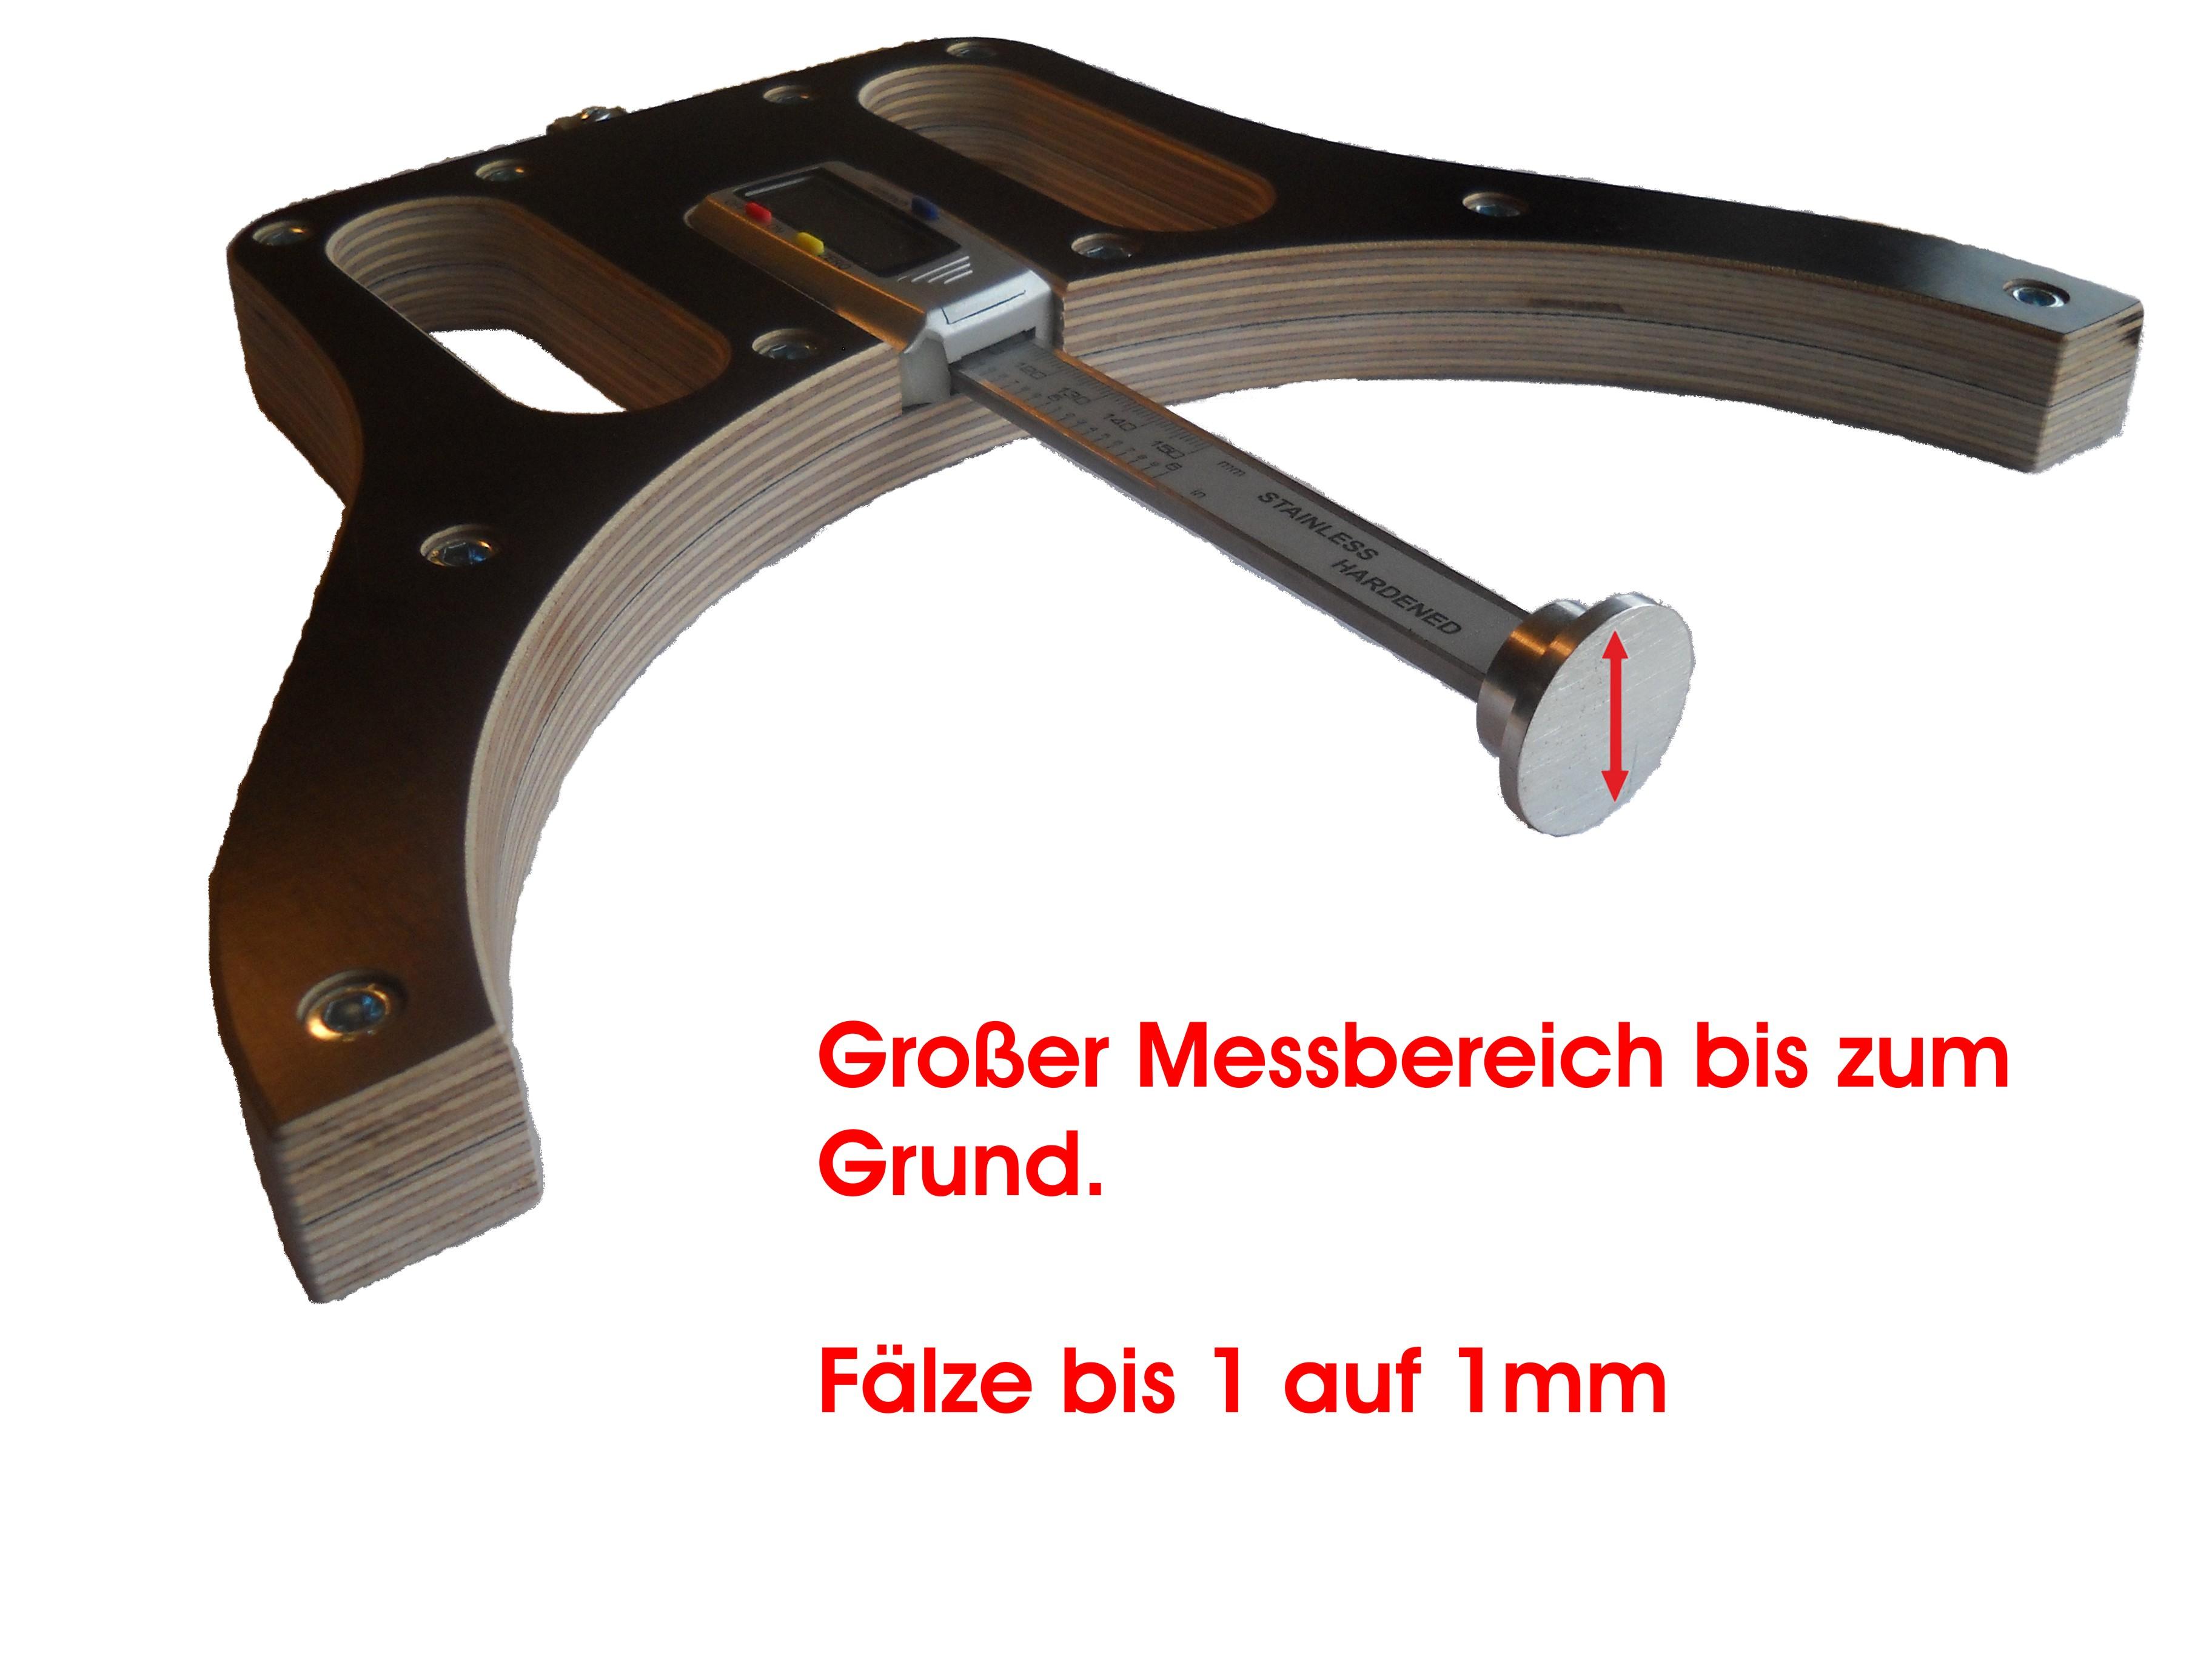 digital Einstelluhr Messuhr Tiefen Messchieber Frästisch Fräsmaschine Kreissäge